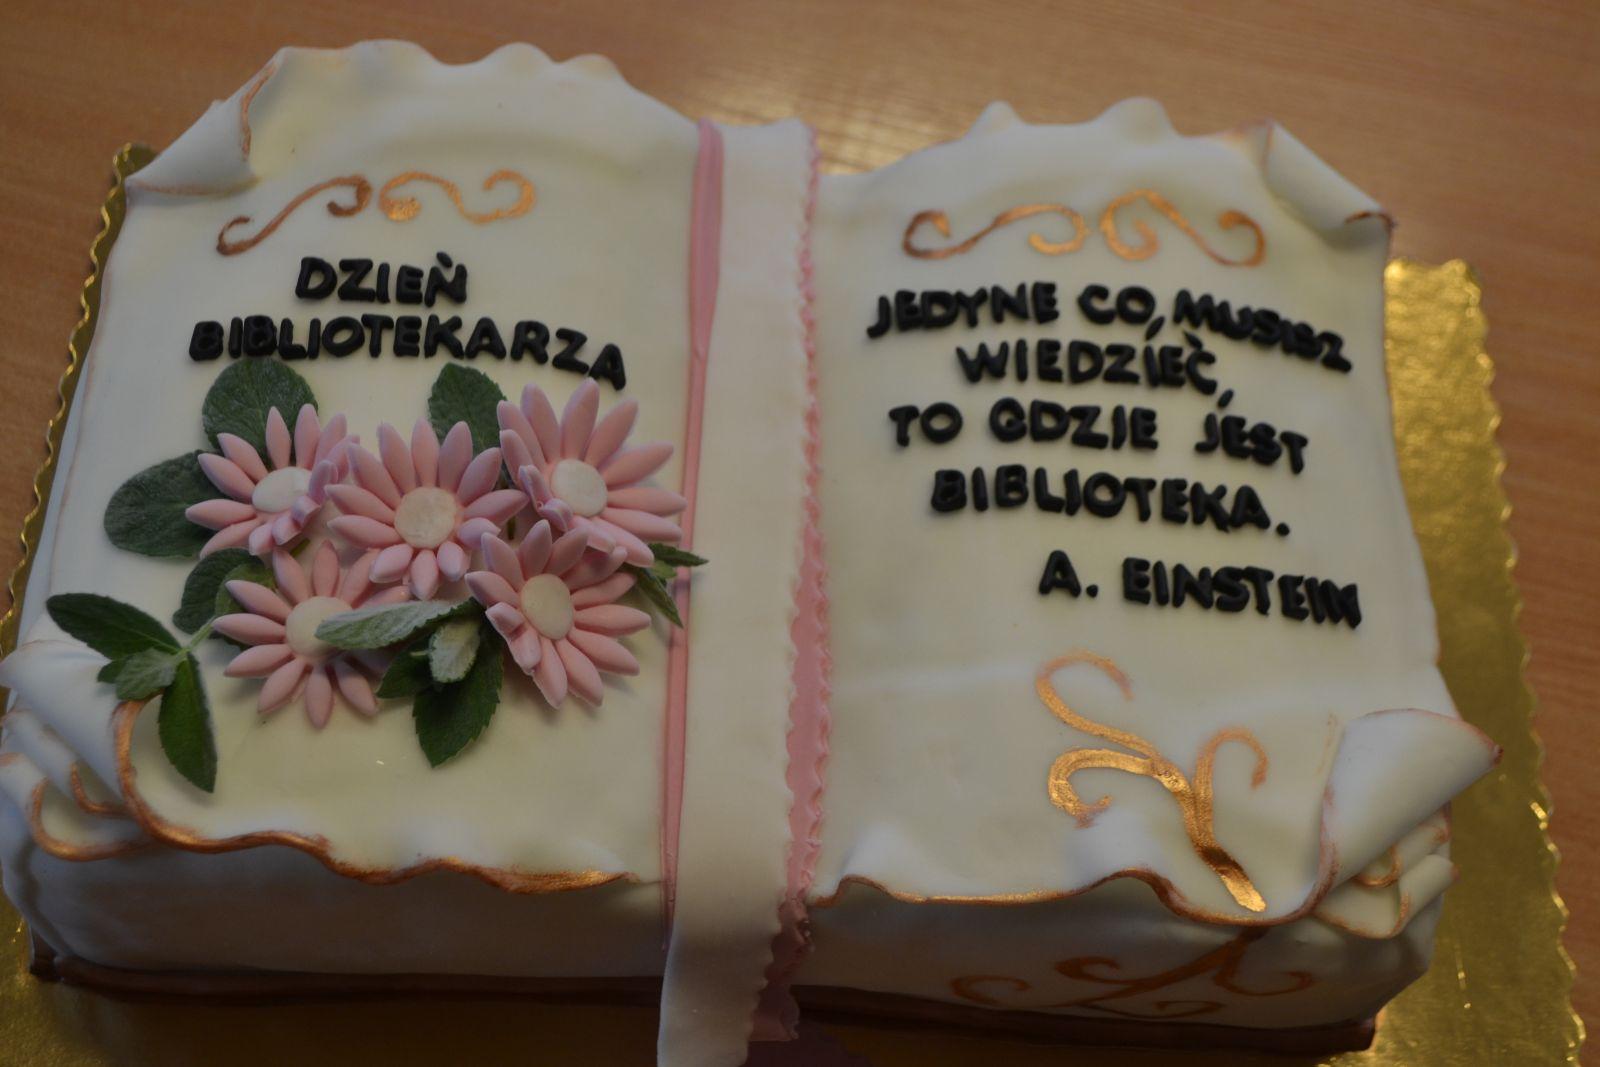 Zdjęcie tortu w kształcie otwartej księgi; na lewej stronie różowe kwiatki i napis Dzień Bibliotekarza, na prawej stronie cytat: Jedyne, co musisz wiedzieć, to gdzie jest biblioteka. A. Einstein.